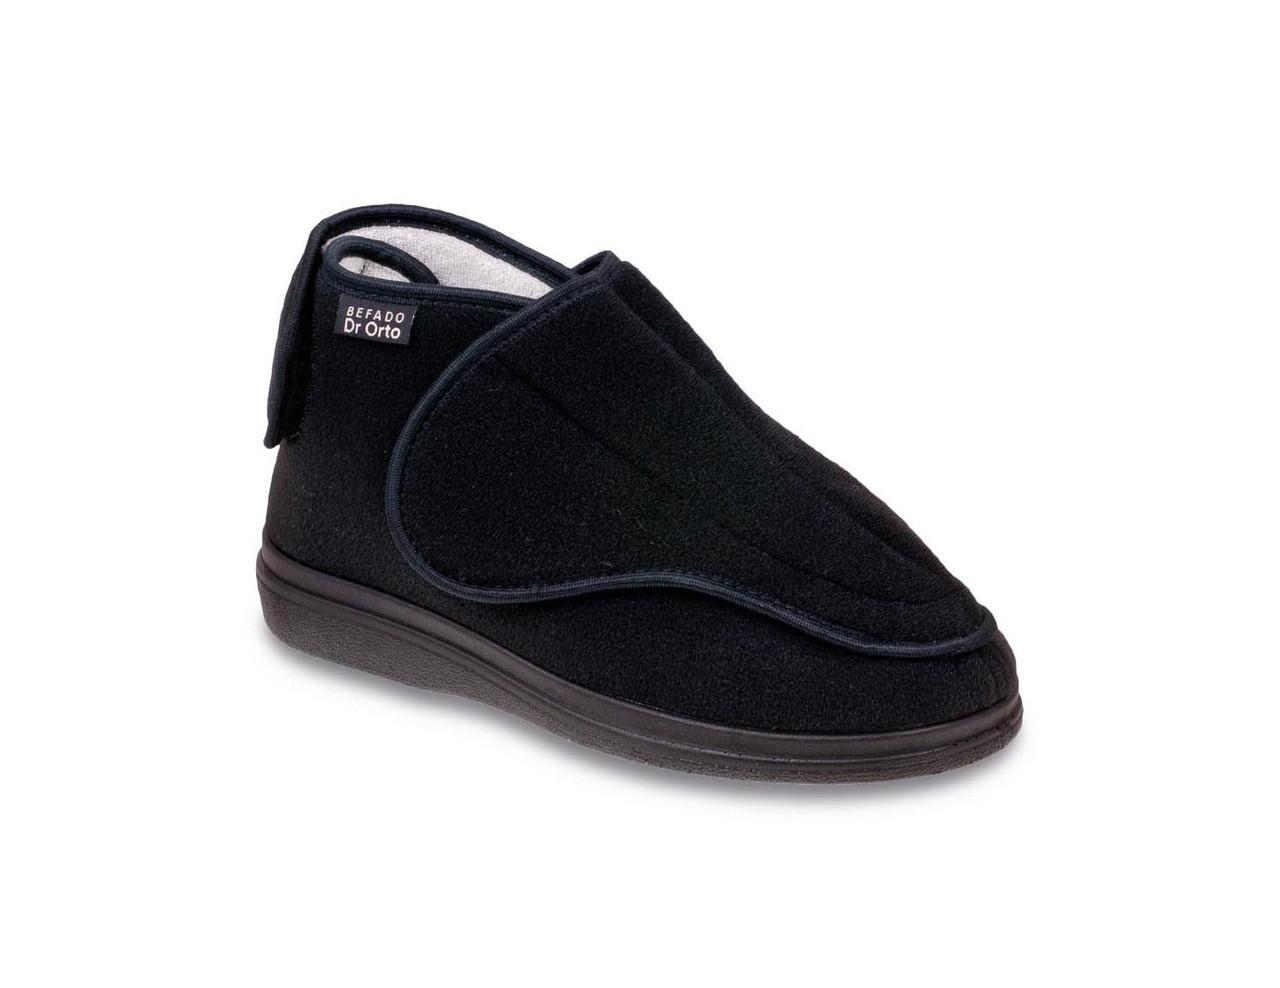 Ботинки диабетические, для проблемных ног женские DrOrto 163 D 002 Ботинки, Липучка, 37, Диабетическая, При синдроме диабетической стопы